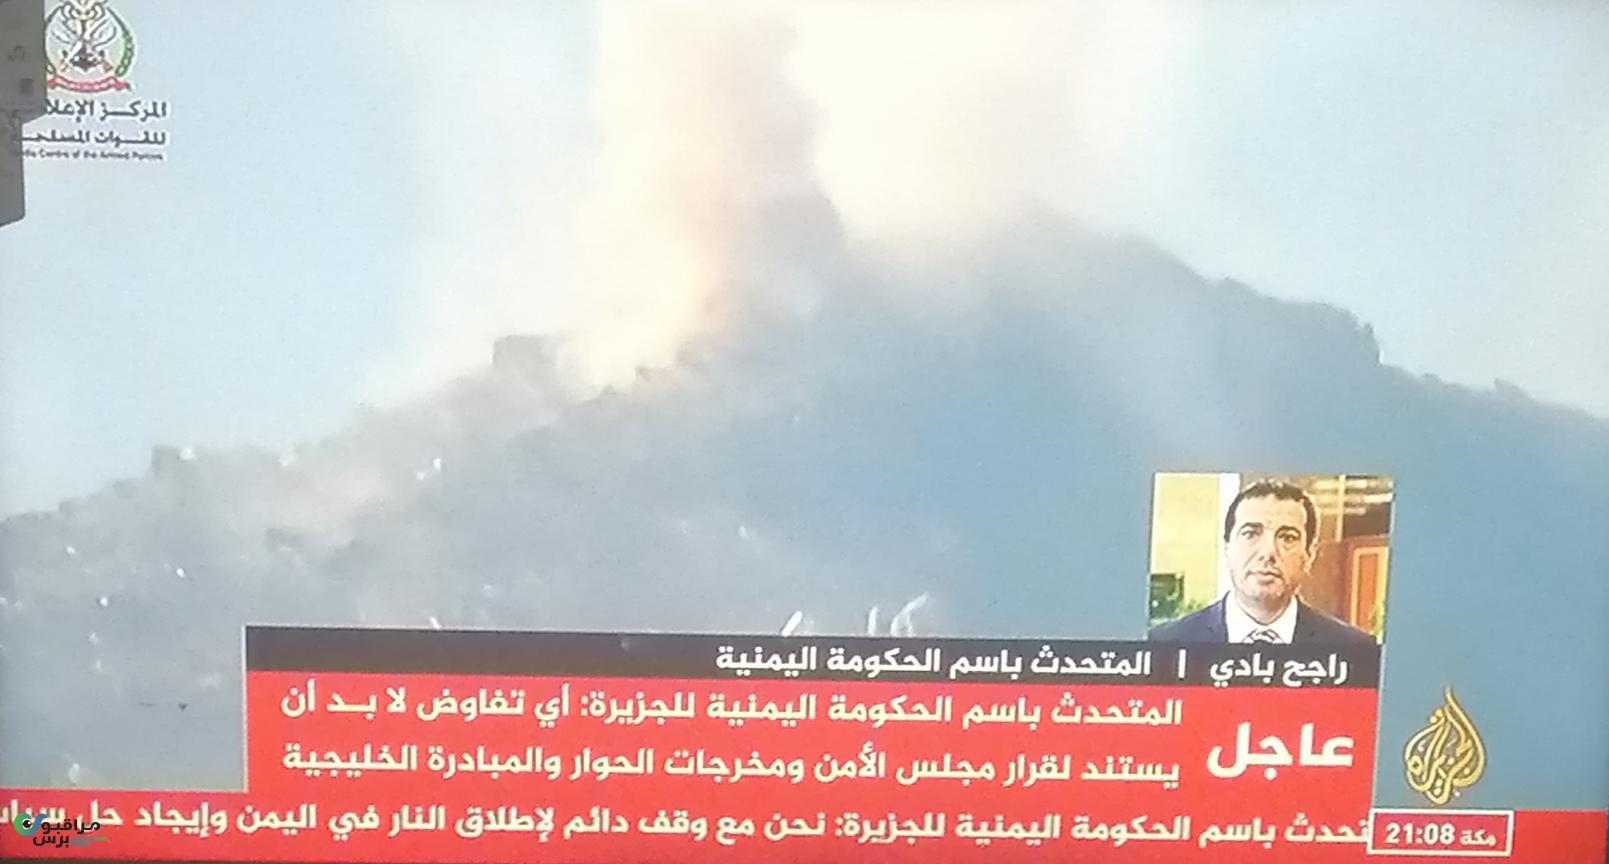 عاجل:قناة تكشف سبب انفجار هز مدينة يمنية قبل قليل